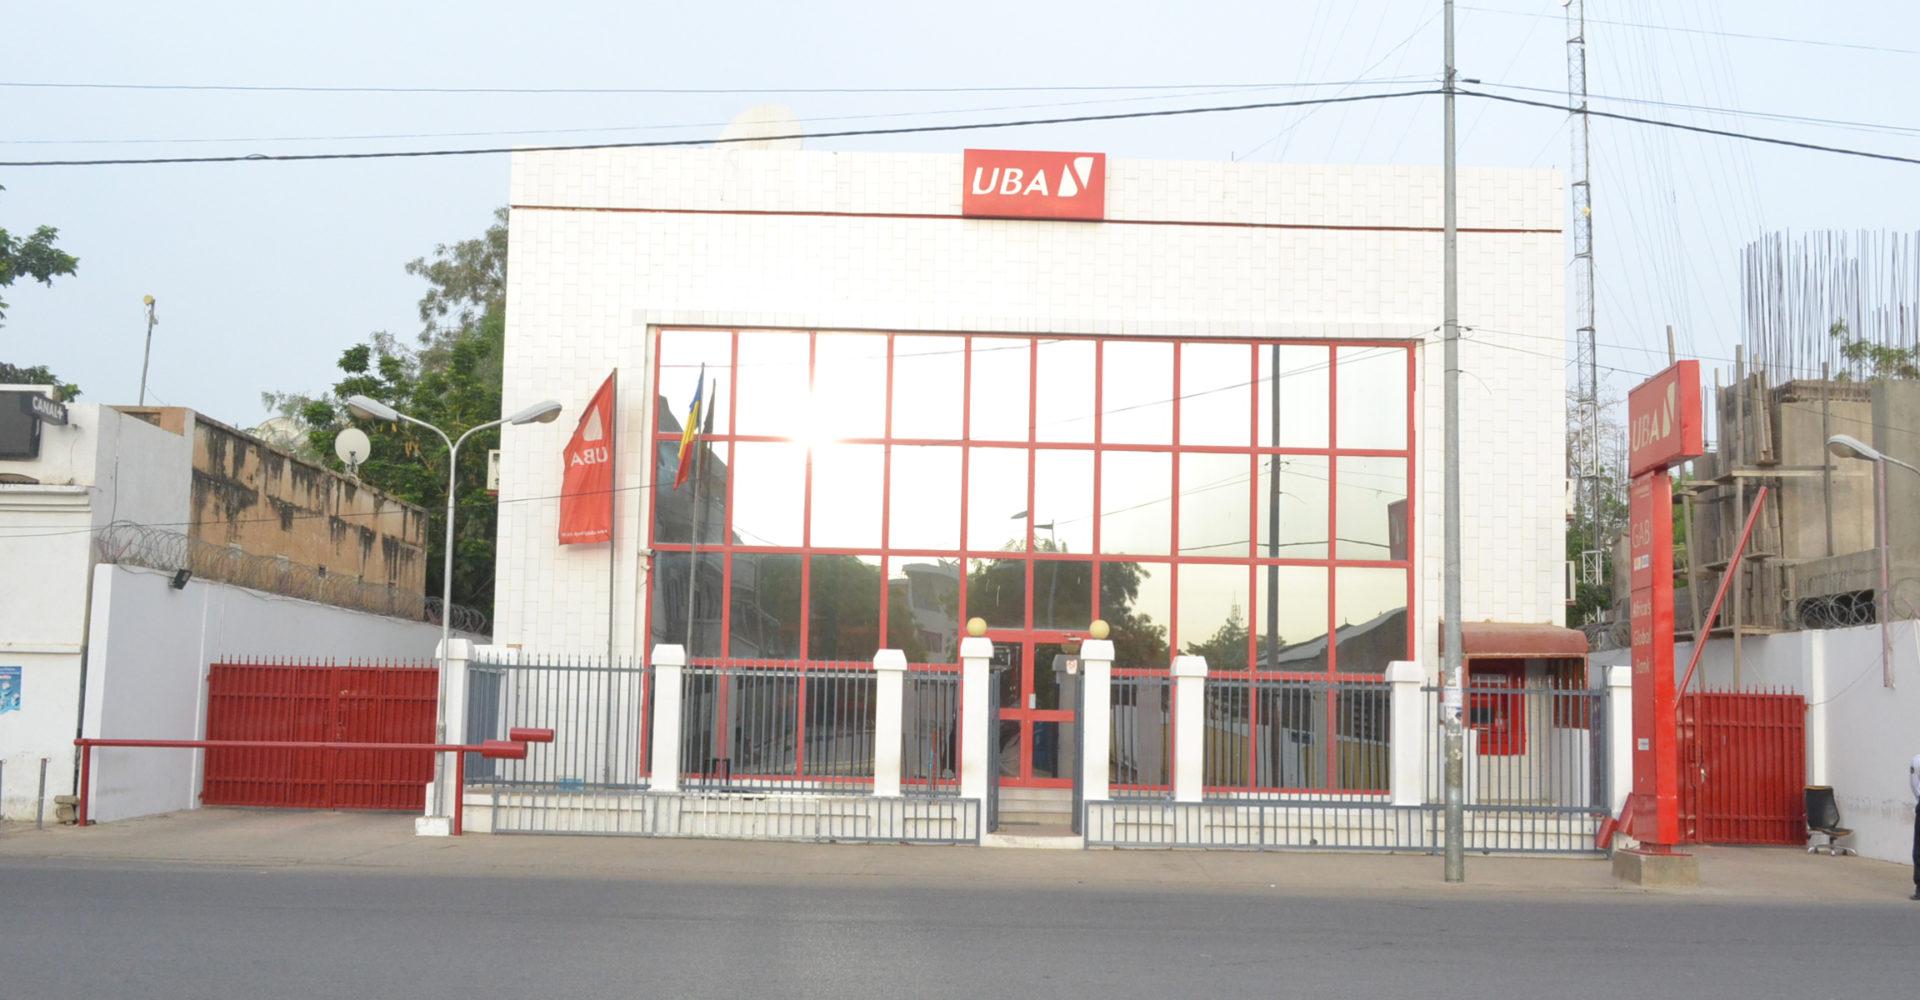 UBA renforce ses produits et services de Banque de détail en Afrique à travers ses canaux digitaux 1